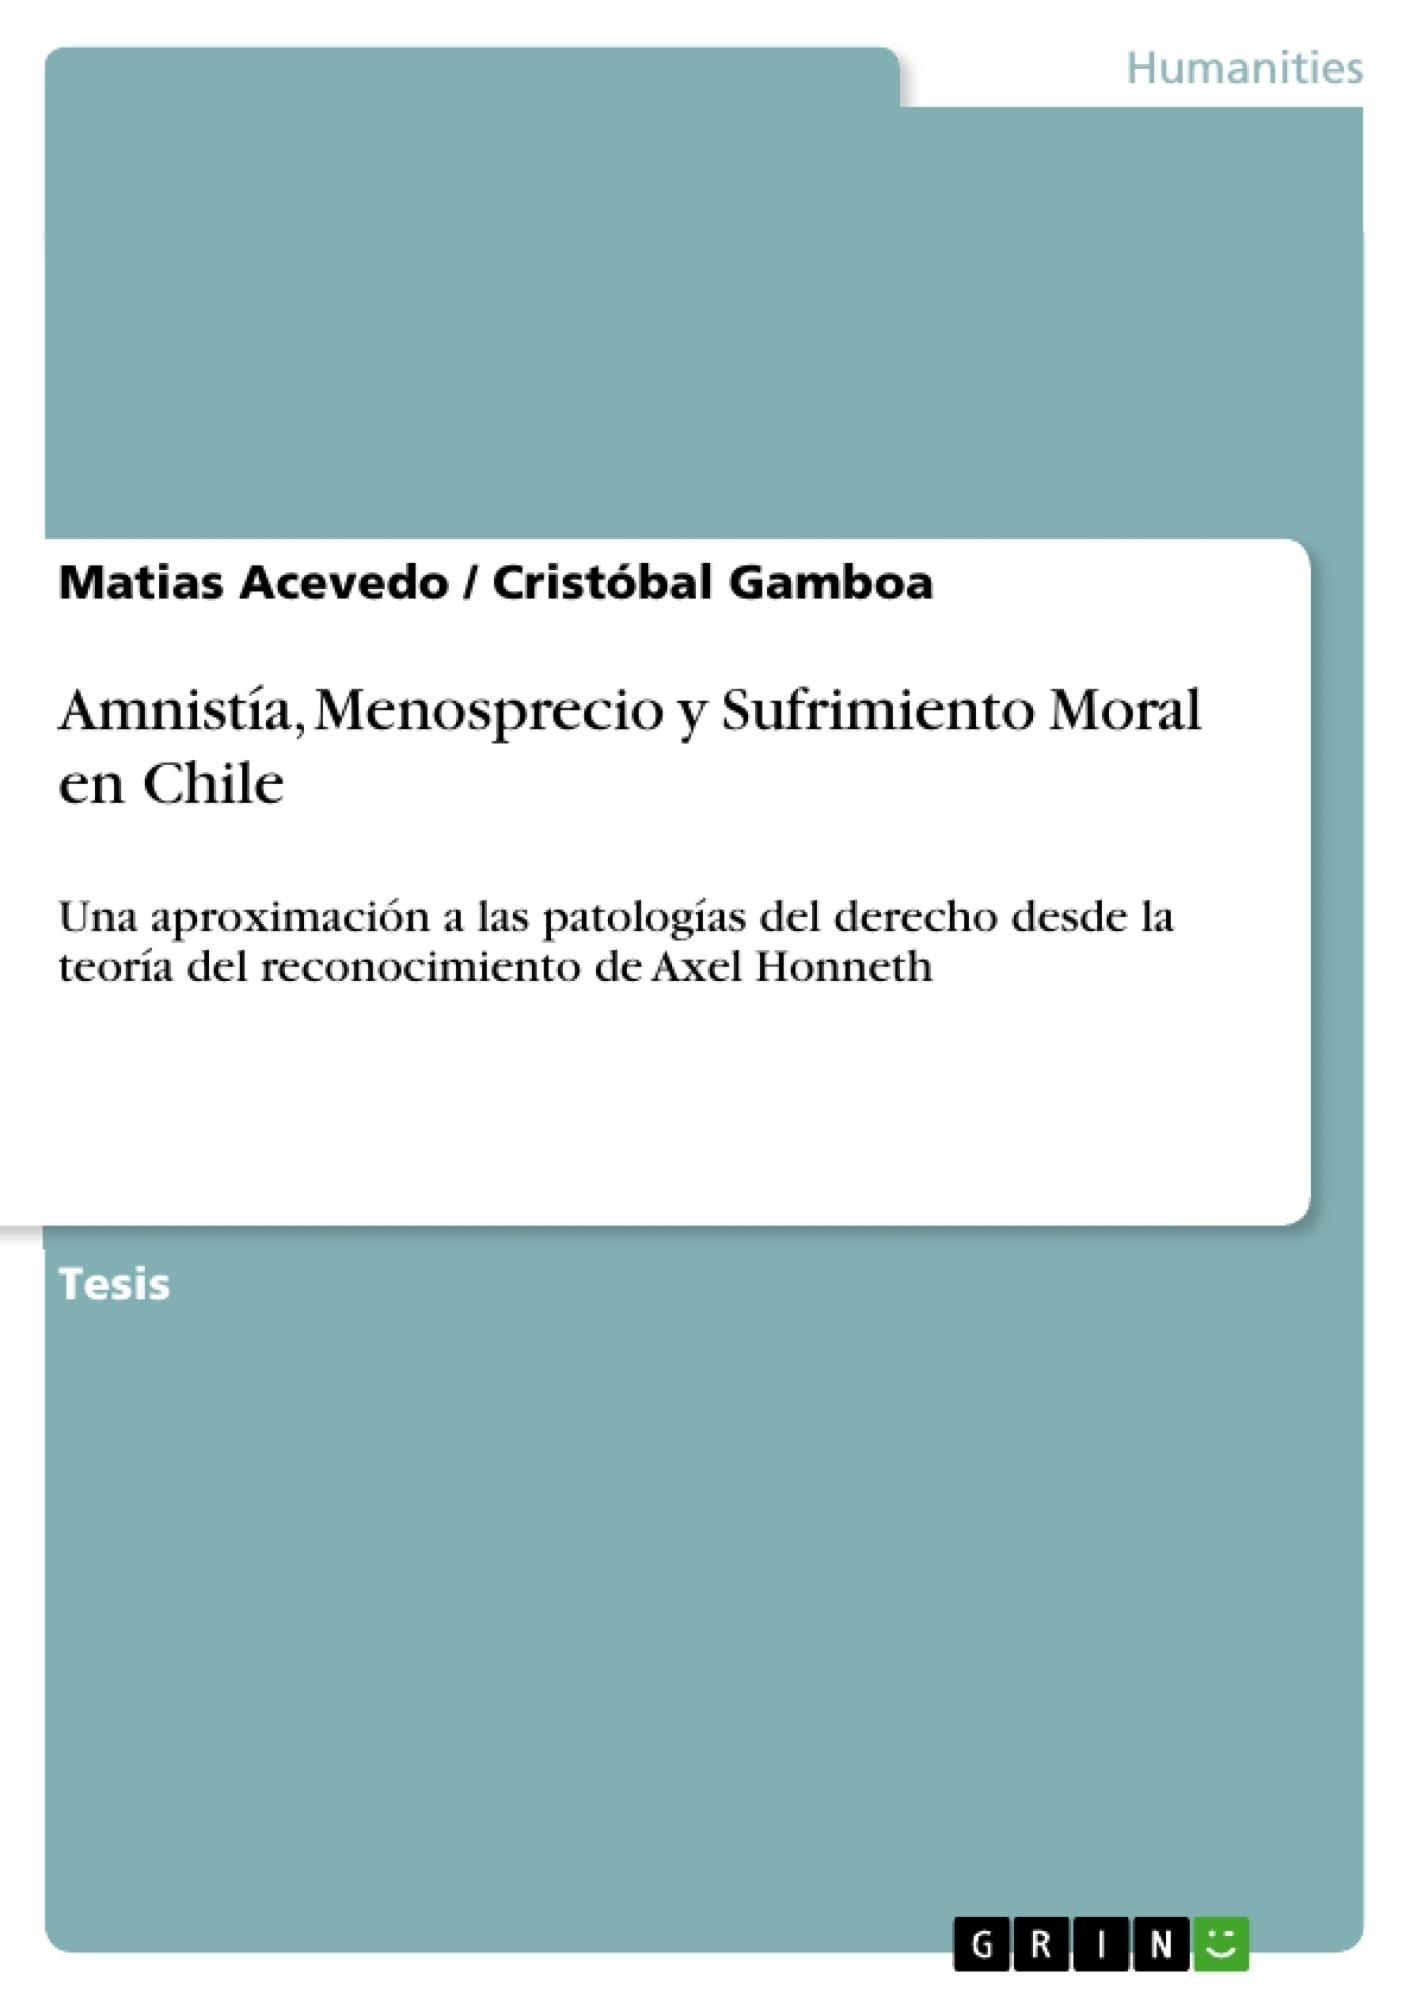 Título: Amnistía, Menosprecio y Sufrimiento Moral en Chile